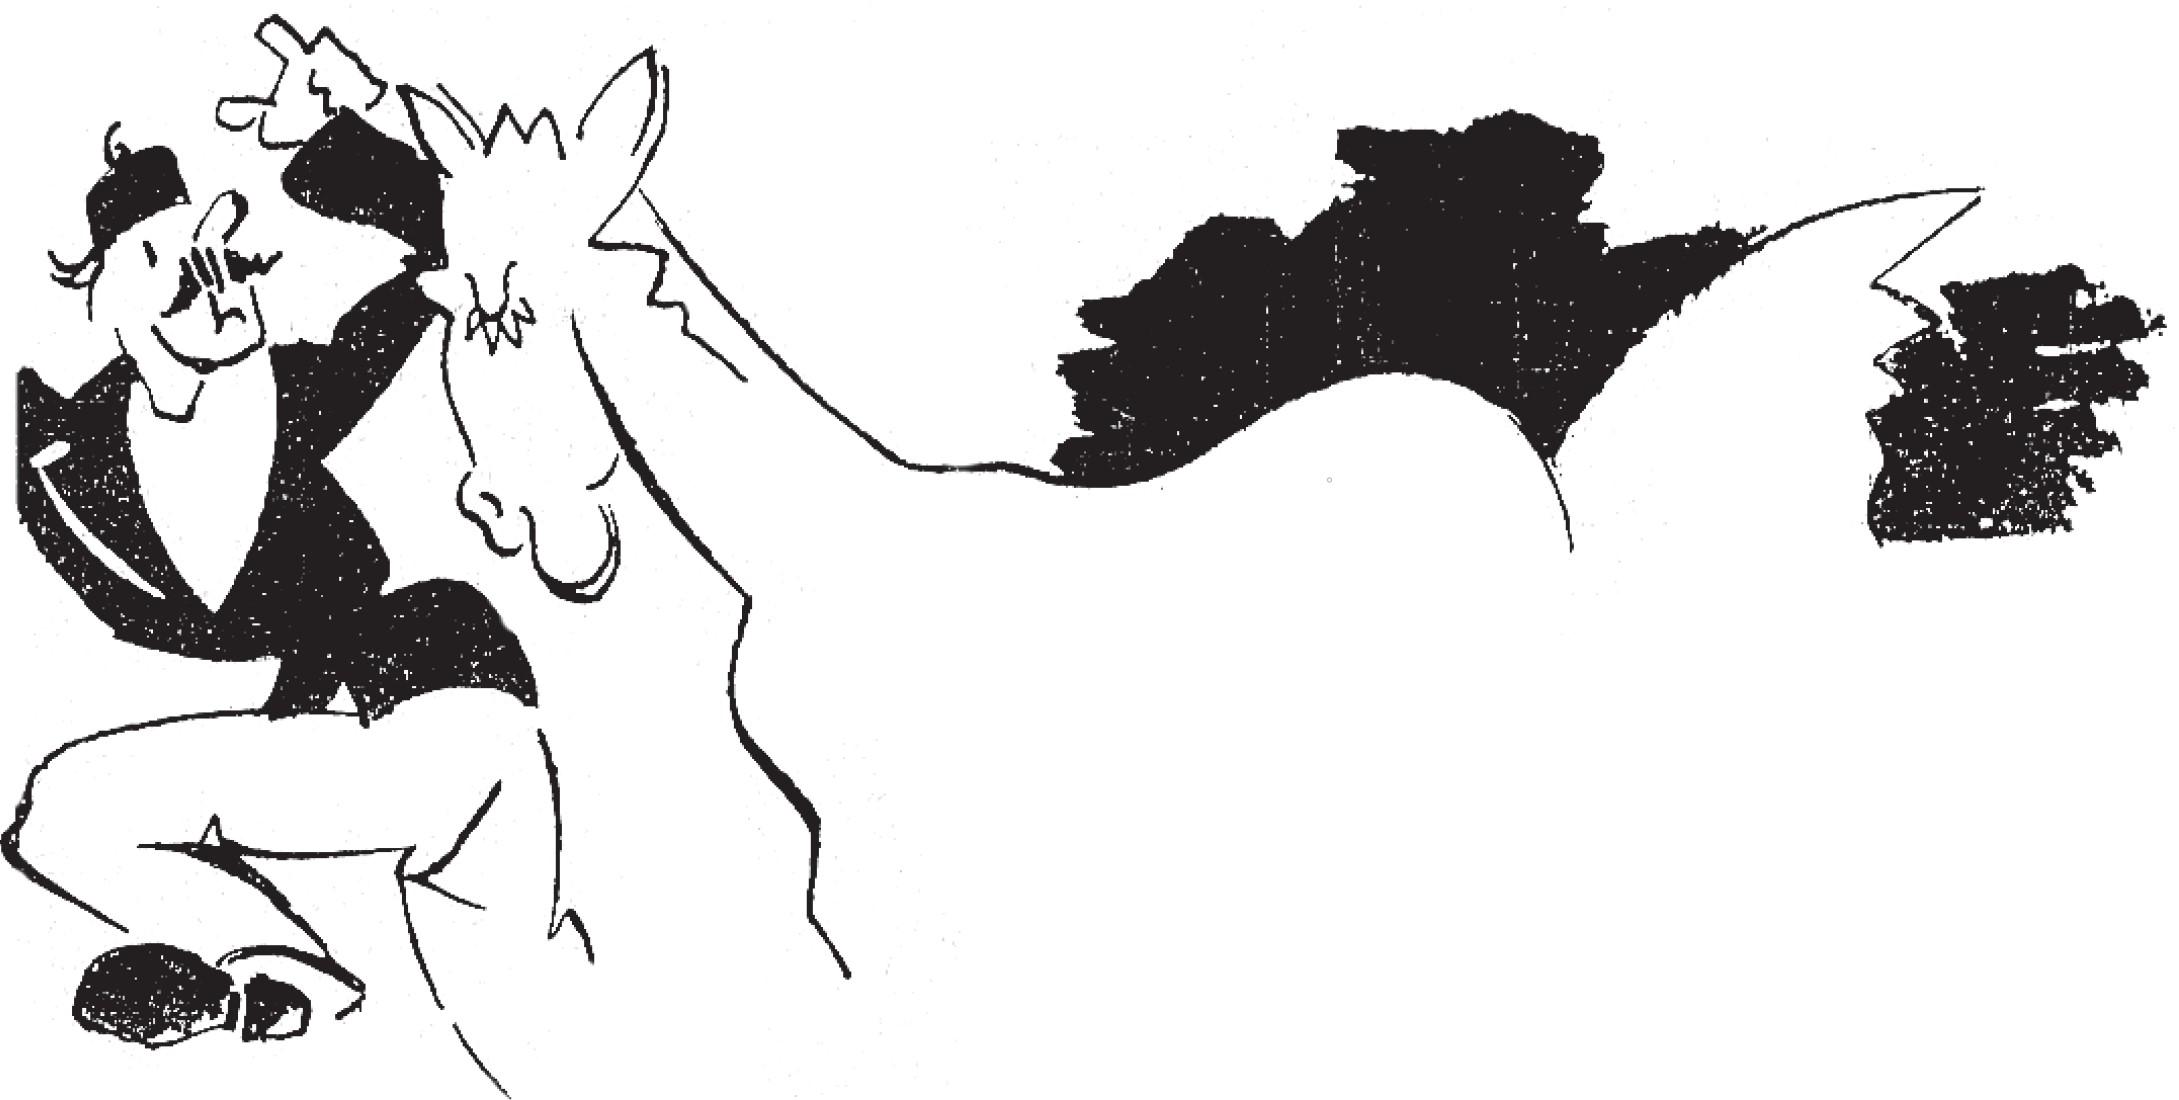 Le cheval et la mort, par Vercors